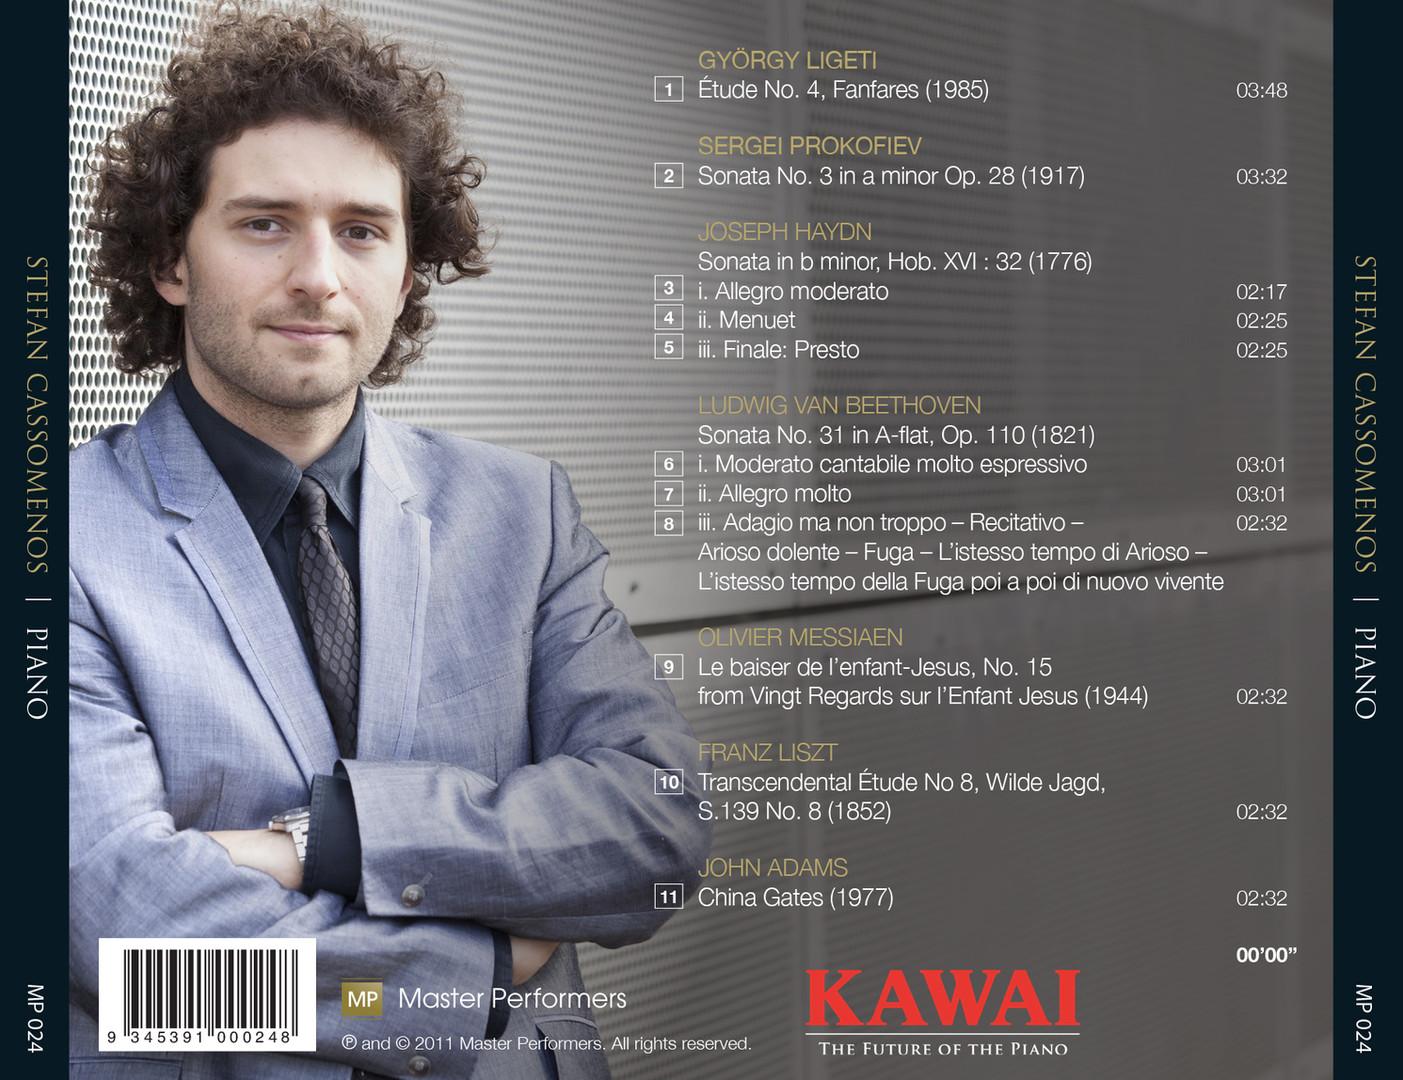 Stefan Cassomenos LIGETI   PROKOFIEV   HAYDN   BEETHOVEN   MESSIAEN   LISZT   ADAMS CD Tray